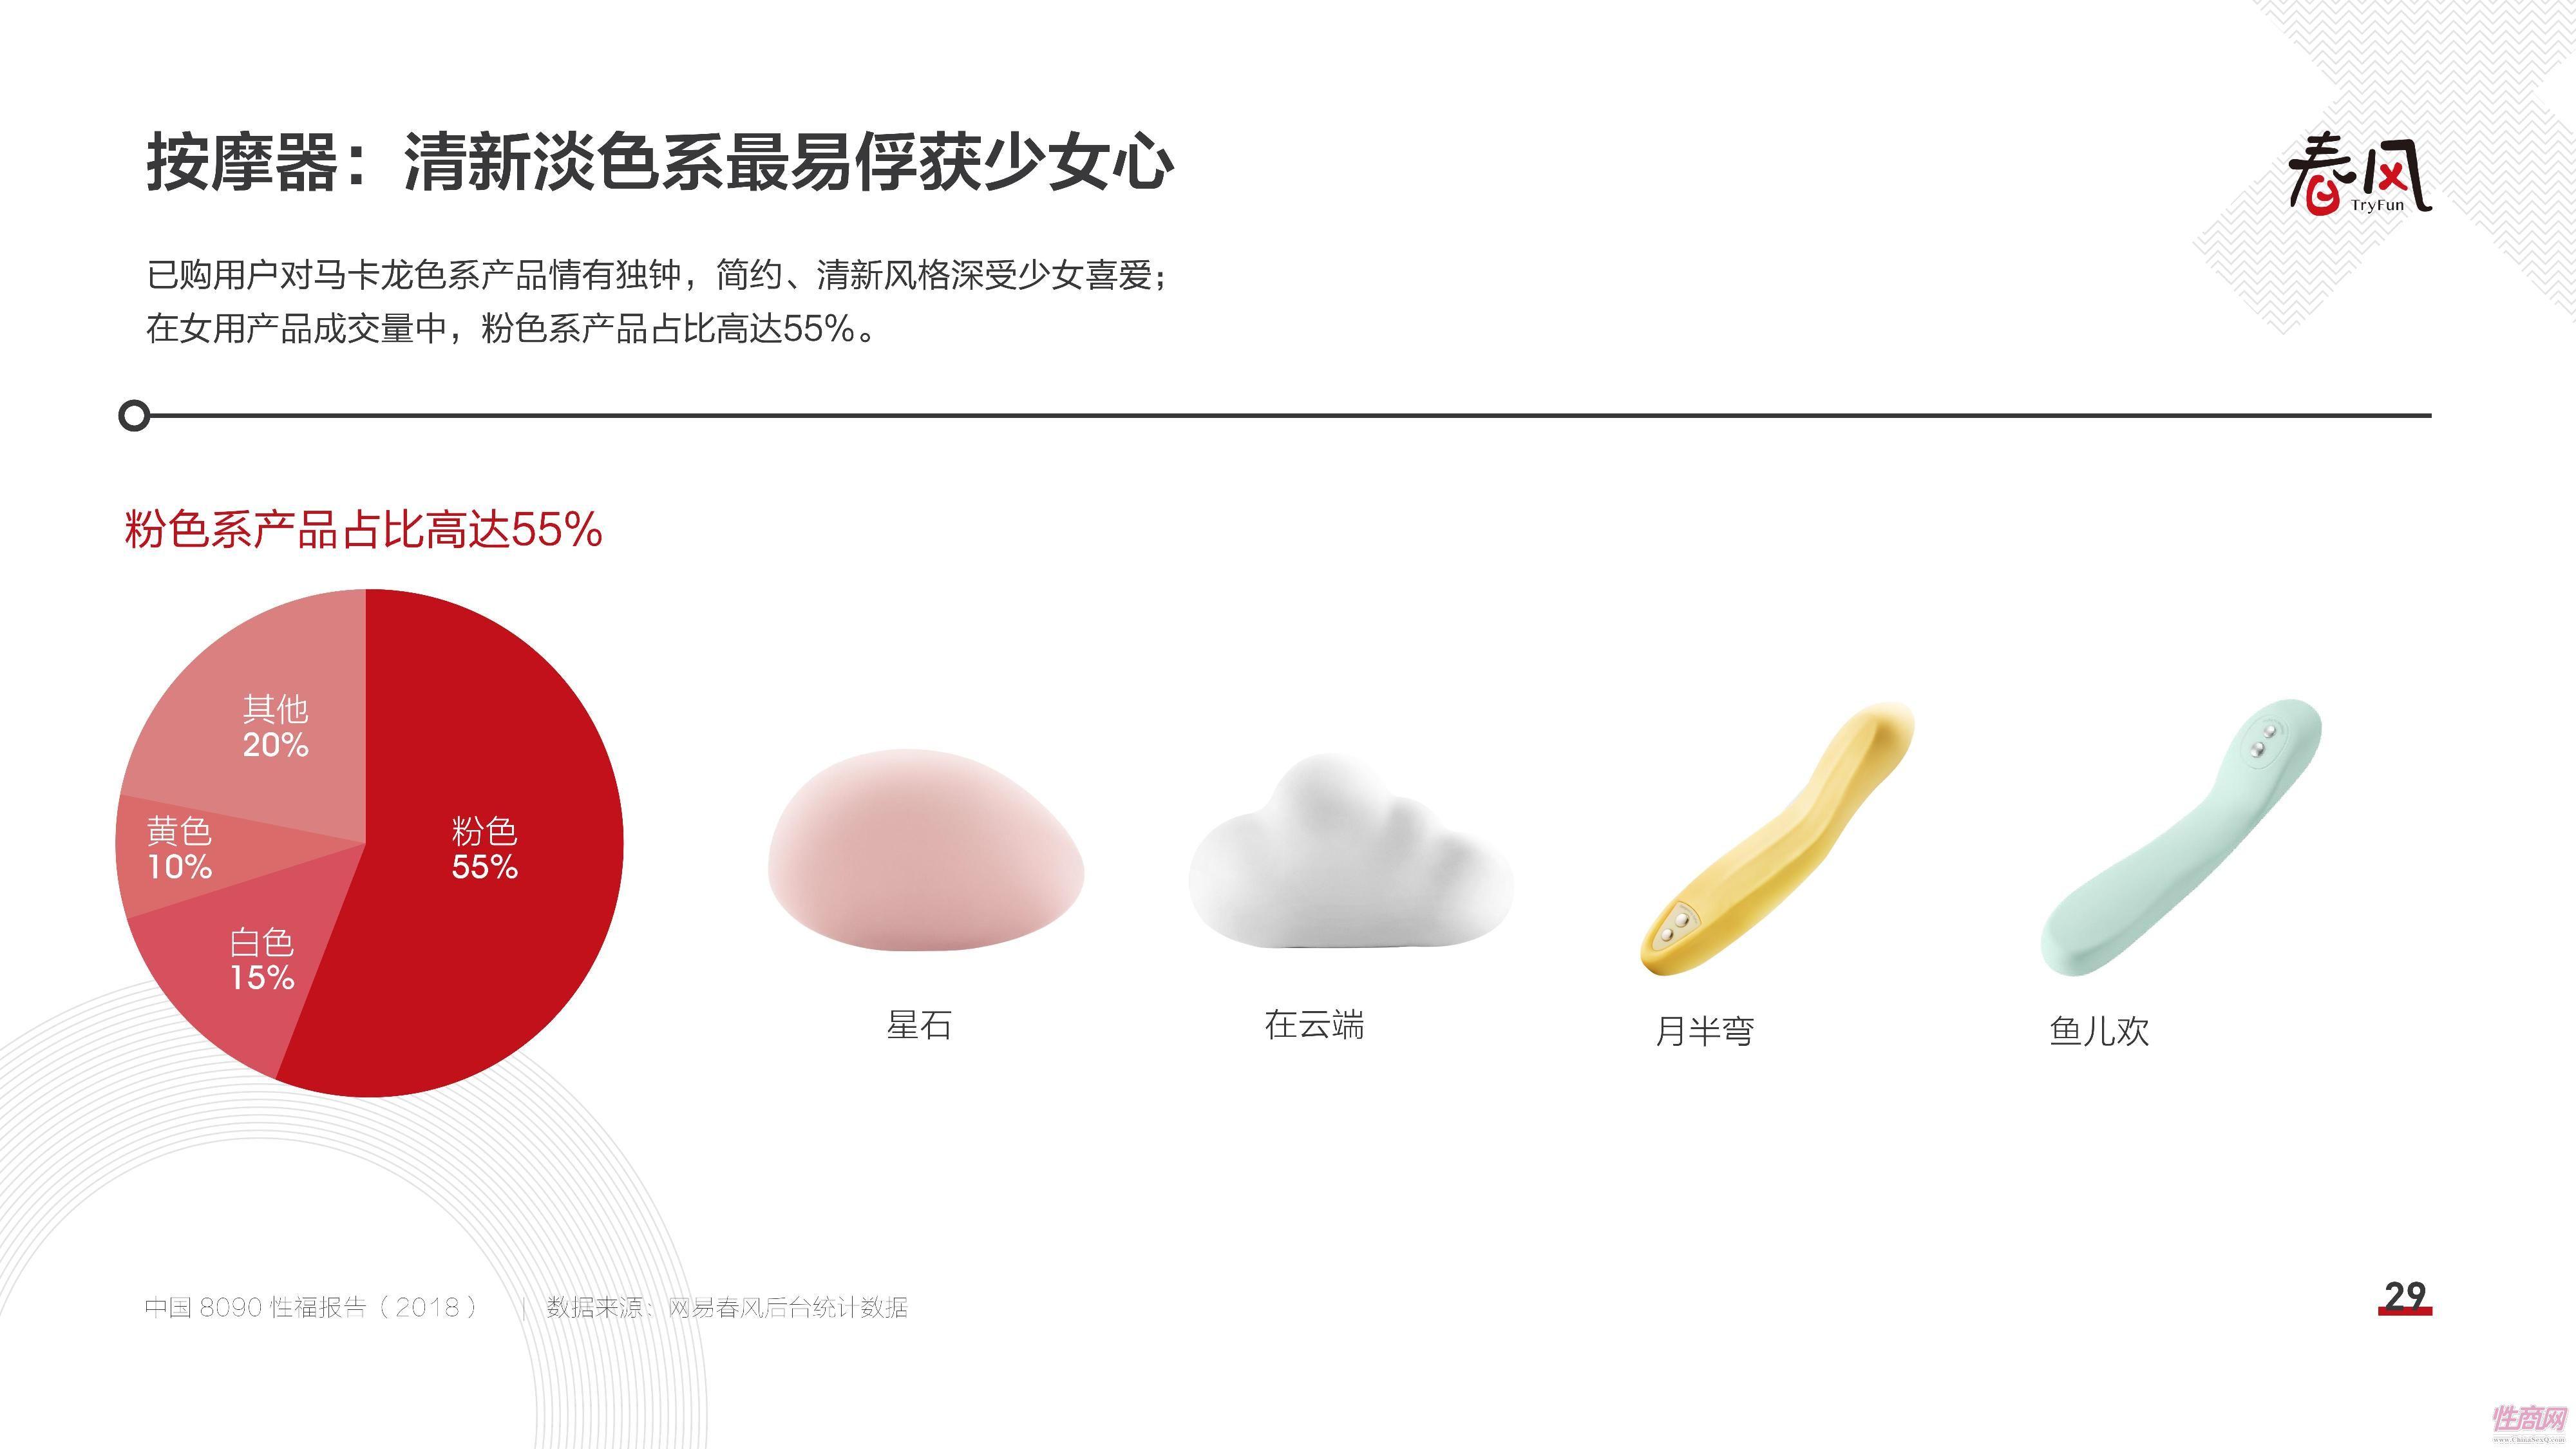 18中国8090性福报告 (28)